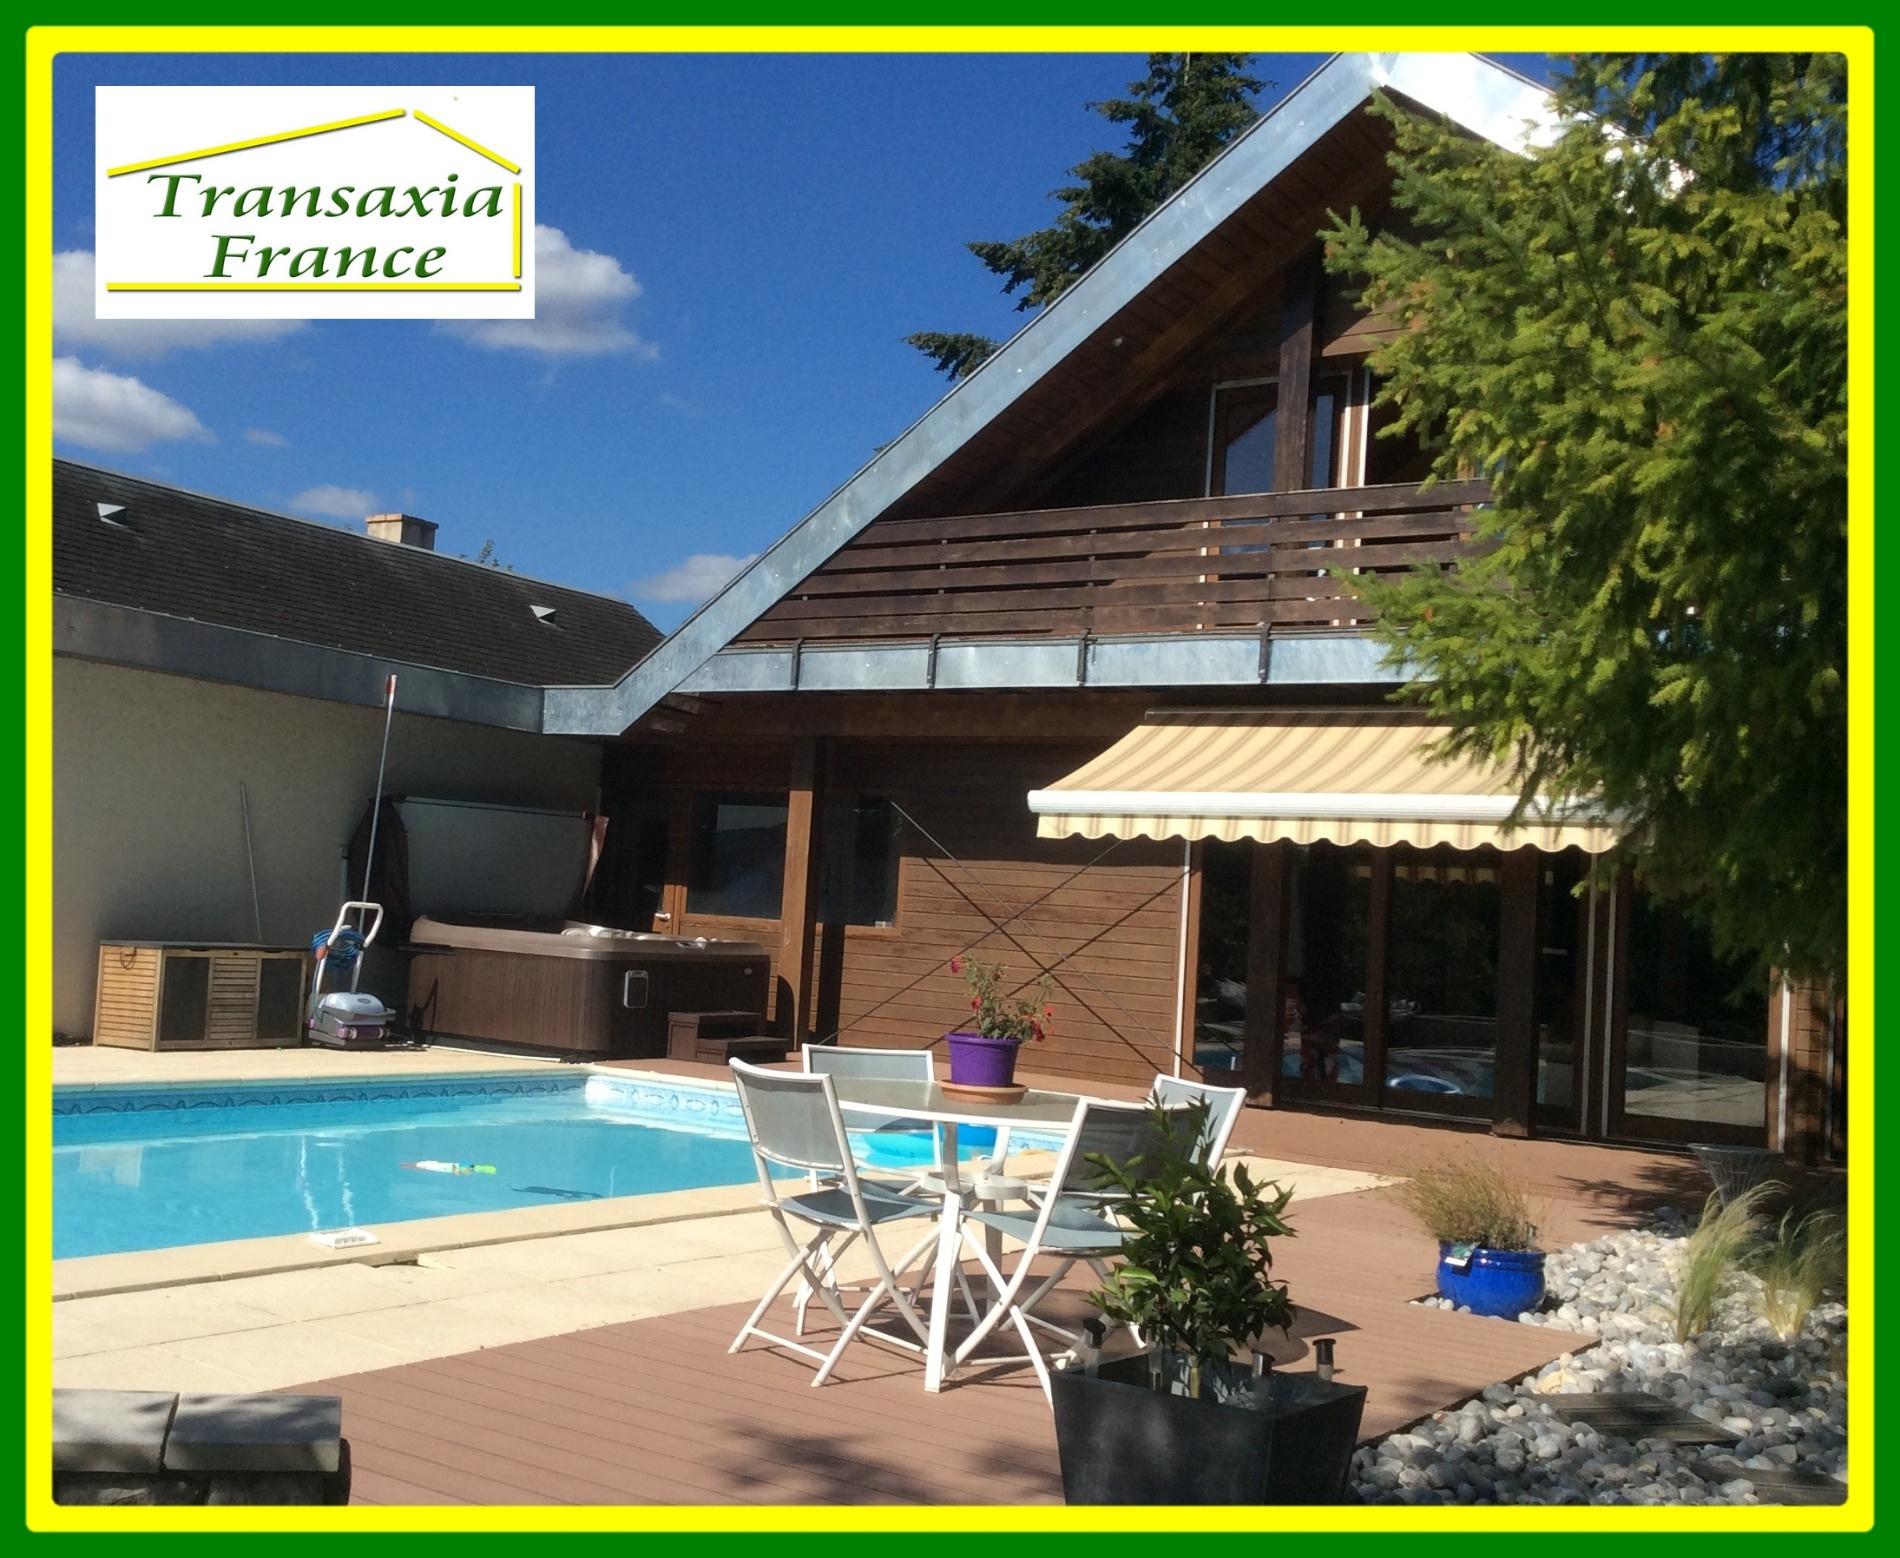 Vente superbe maison d 39 architecte en bois de 229 m2 avec for Prix m2 maison architecte